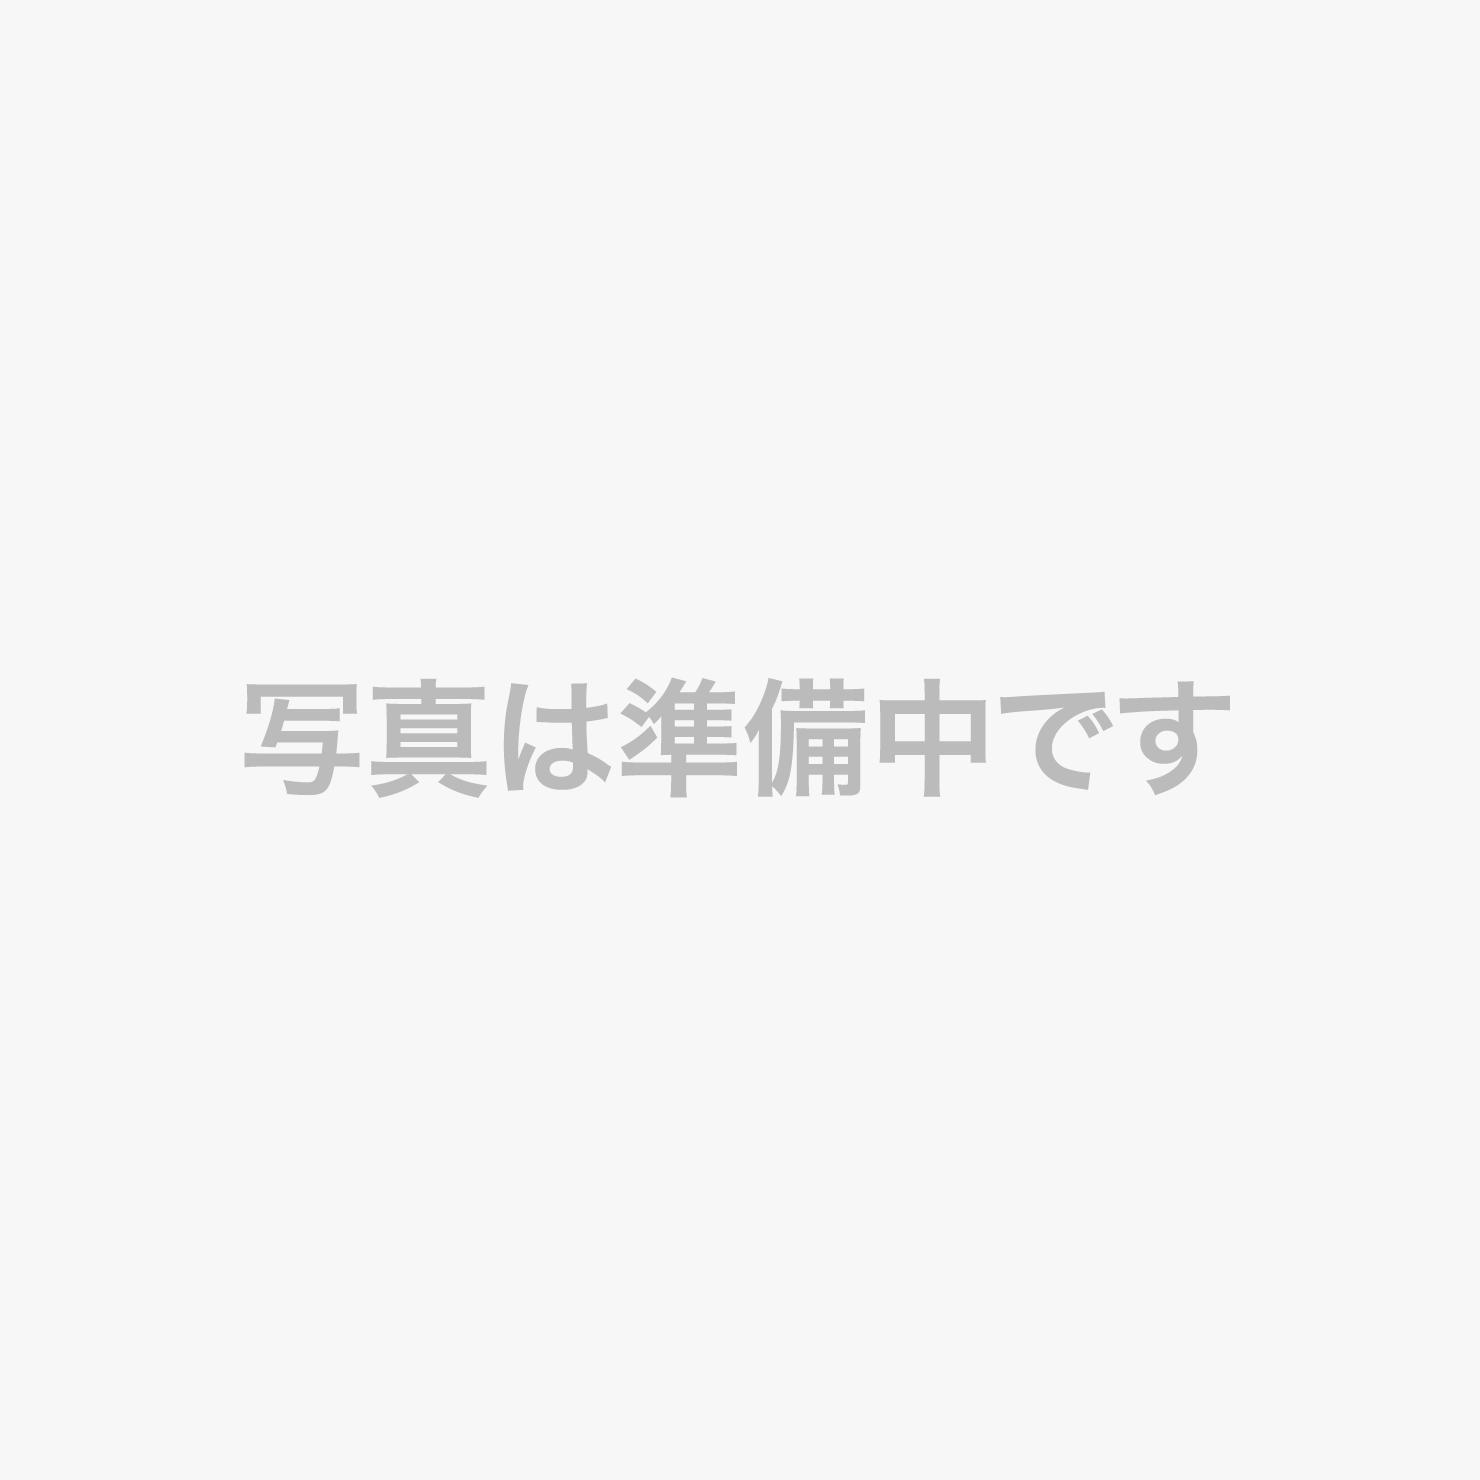 色合いは地味だったりしますが、ご飯との相性はこの上なく◎なお料理は長野県ならではなのかな?などと思ったり。